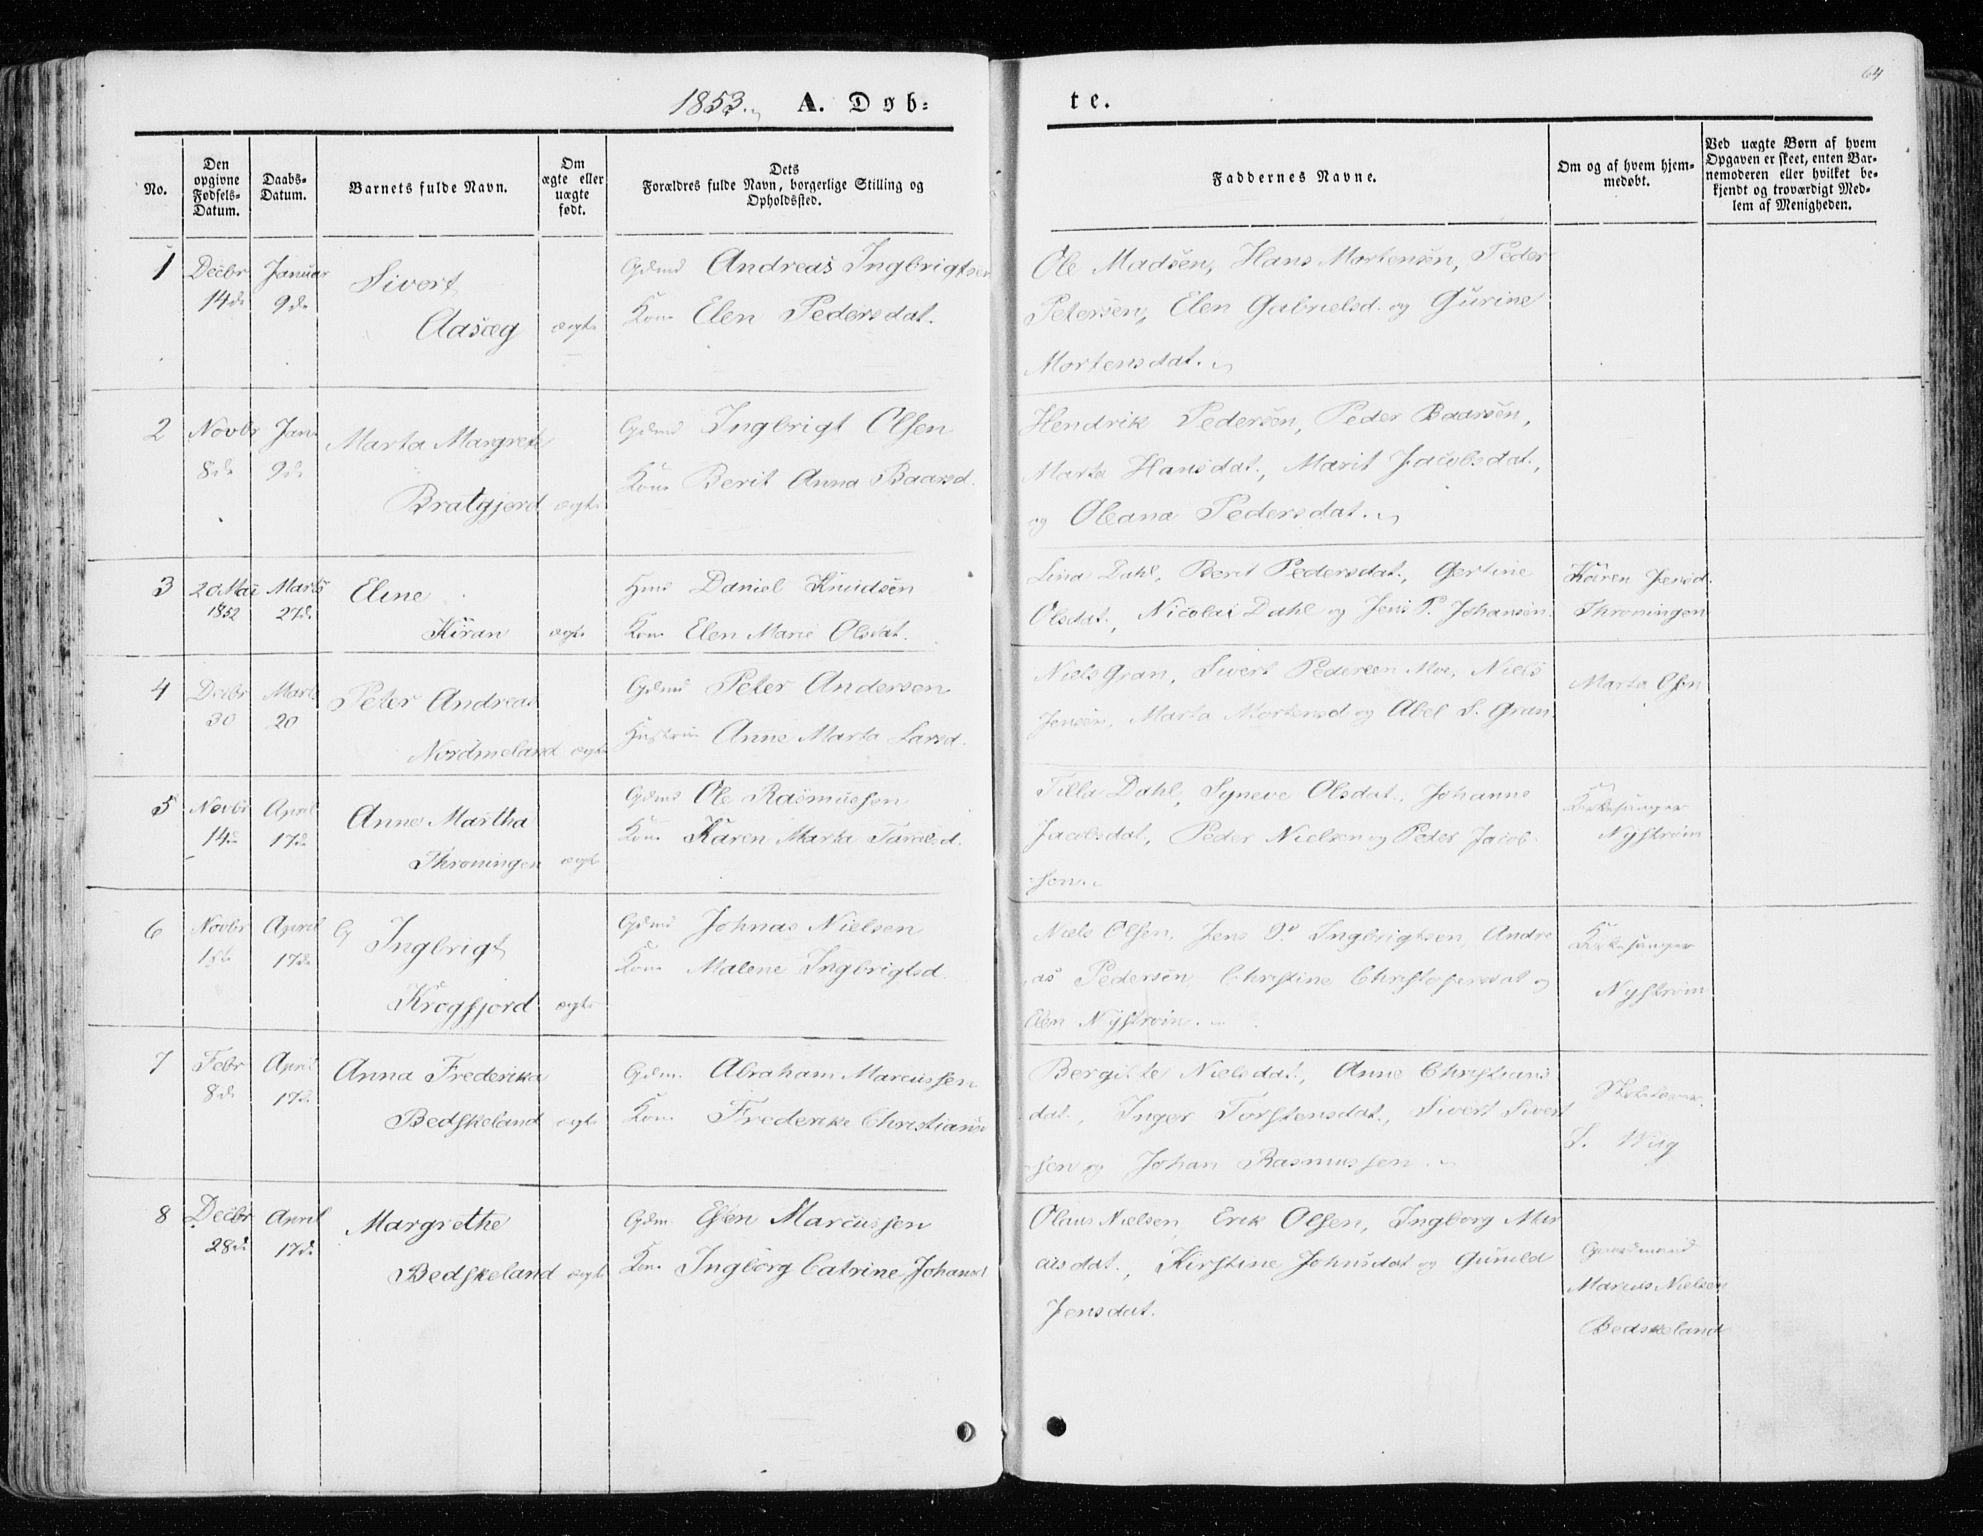 SAT, Ministerialprotokoller, klokkerbøker og fødselsregistre - Sør-Trøndelag, 657/L0704: Ministerialbok nr. 657A05, 1846-1857, s. 64